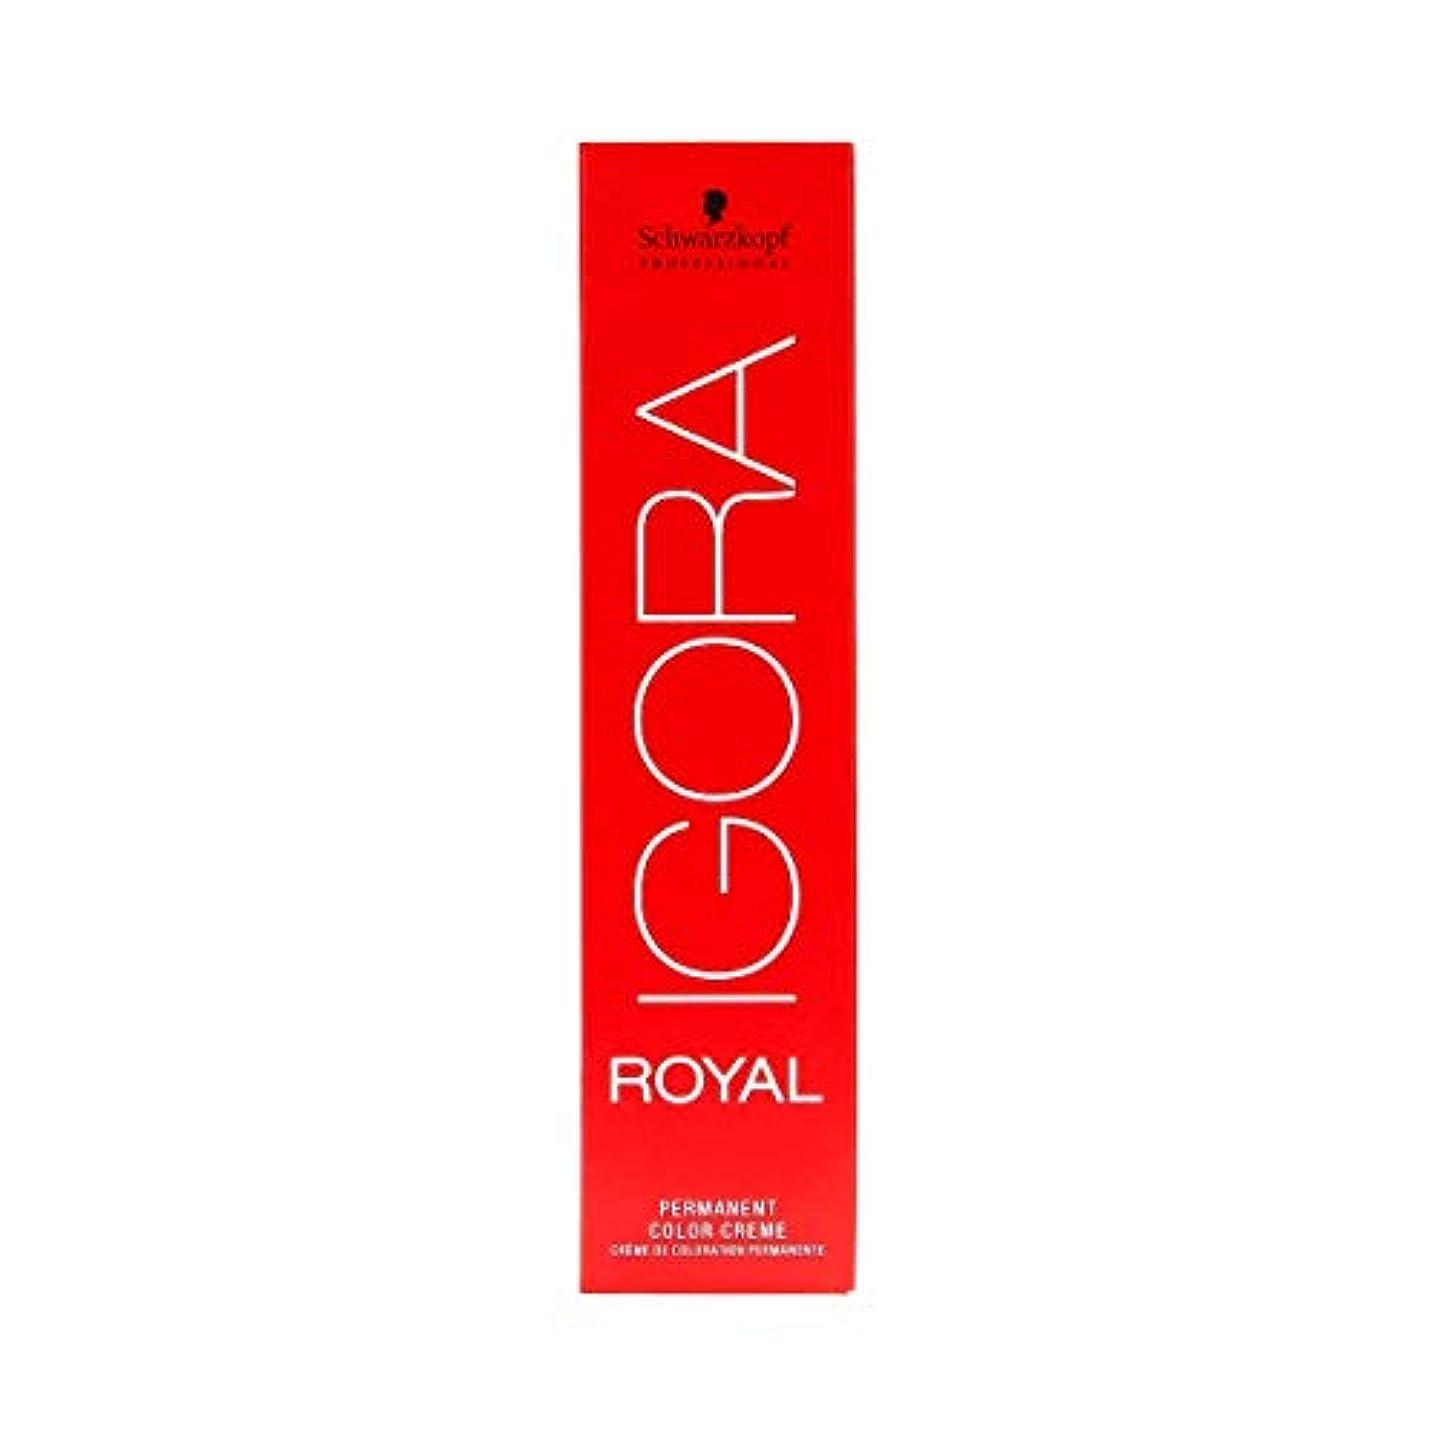 ますます非効率的な不一致シュワルツコフ IGORA ロイヤル6-99パーマネントカラークリーム60ml[海外直送品] [並行輸入品]